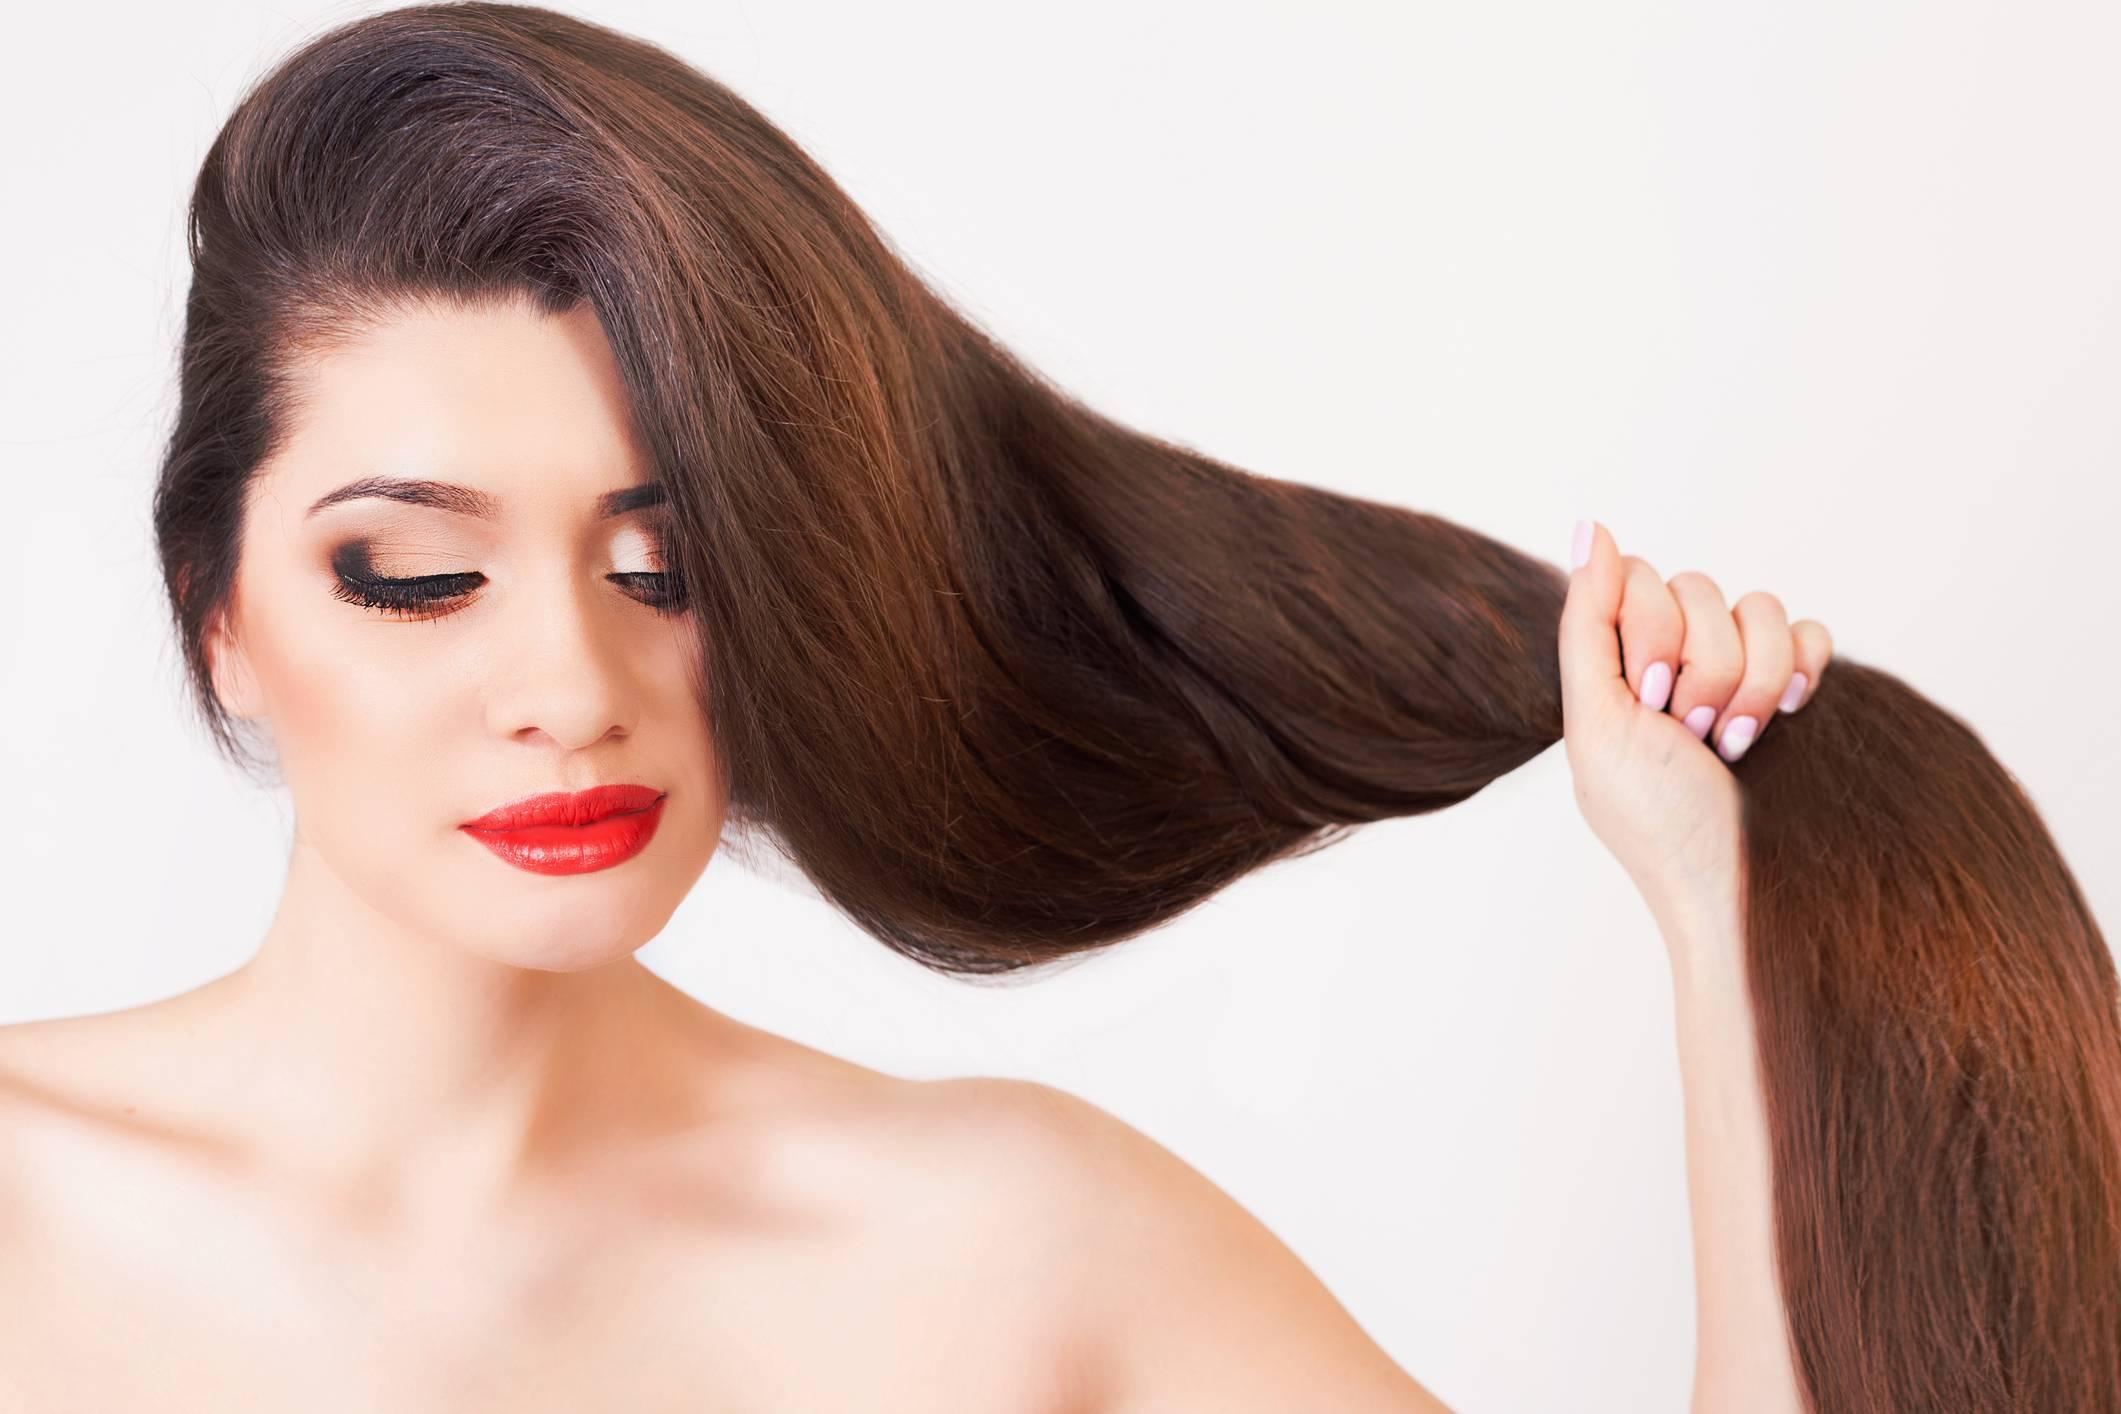 Как отрастить длинные волосы в домашних условиях: советы для девушек